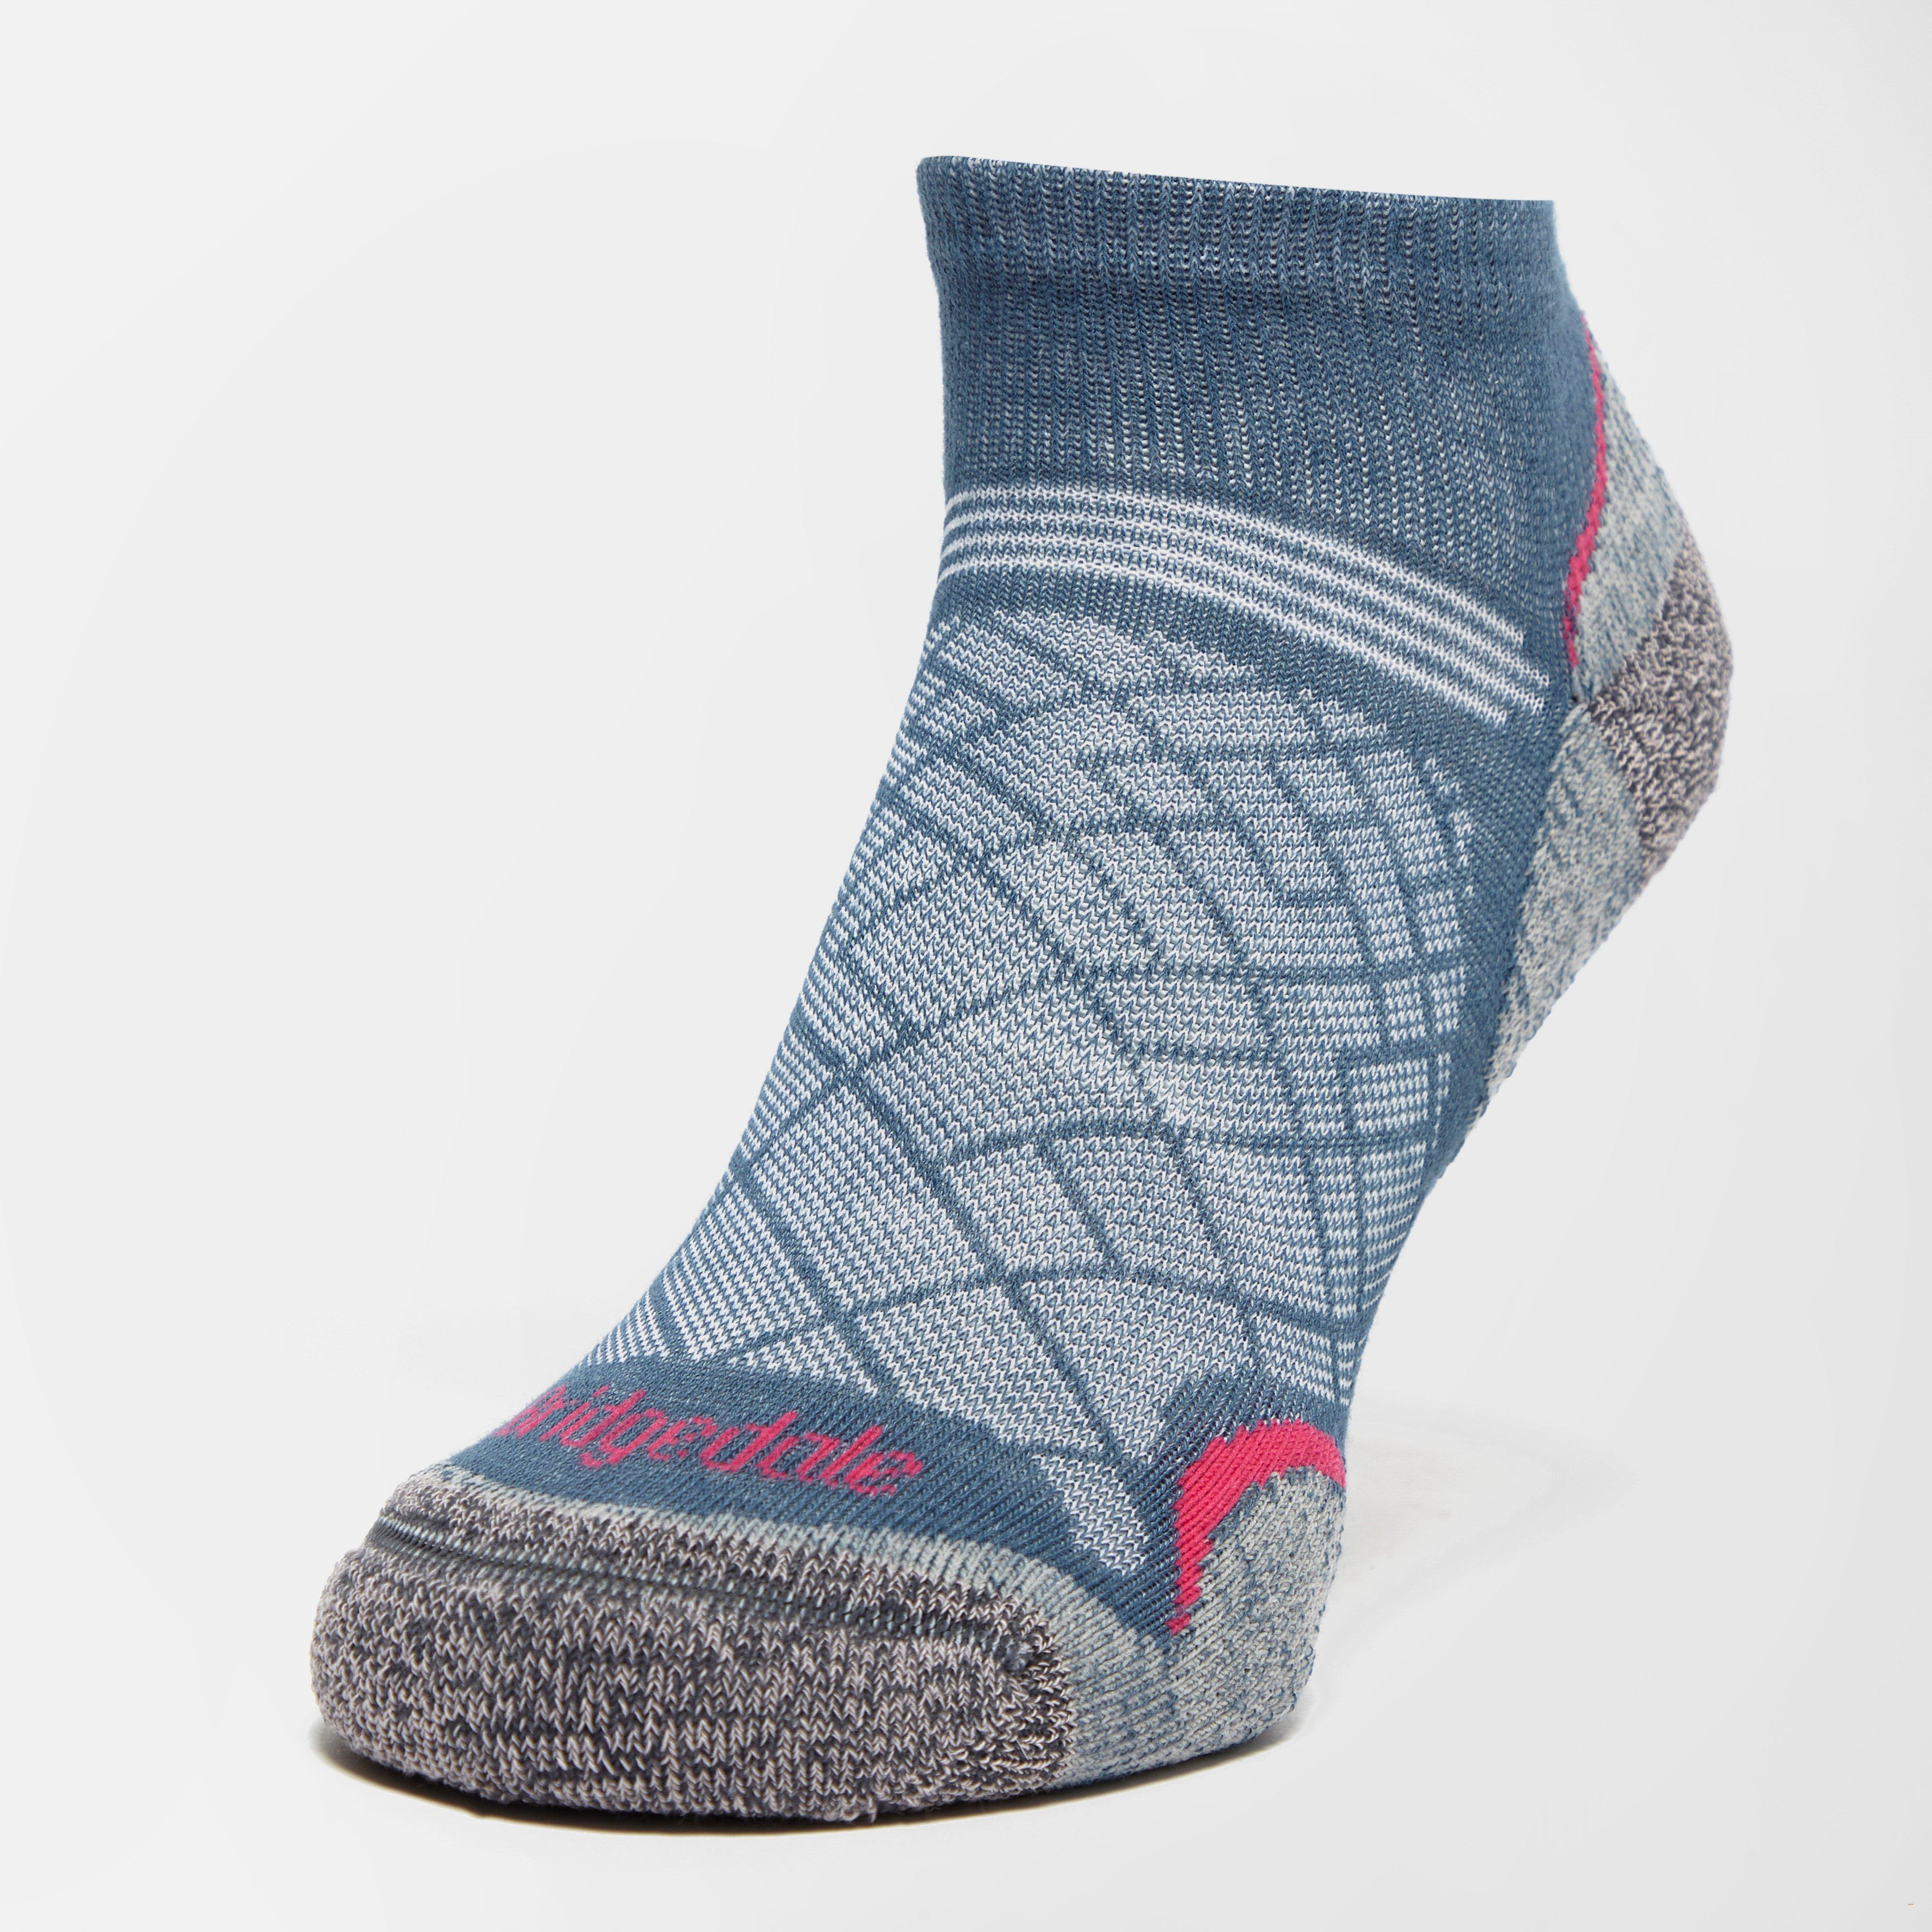 859546c10caa4 Bridgedale Women's Hike Ultra Light T2 Socks